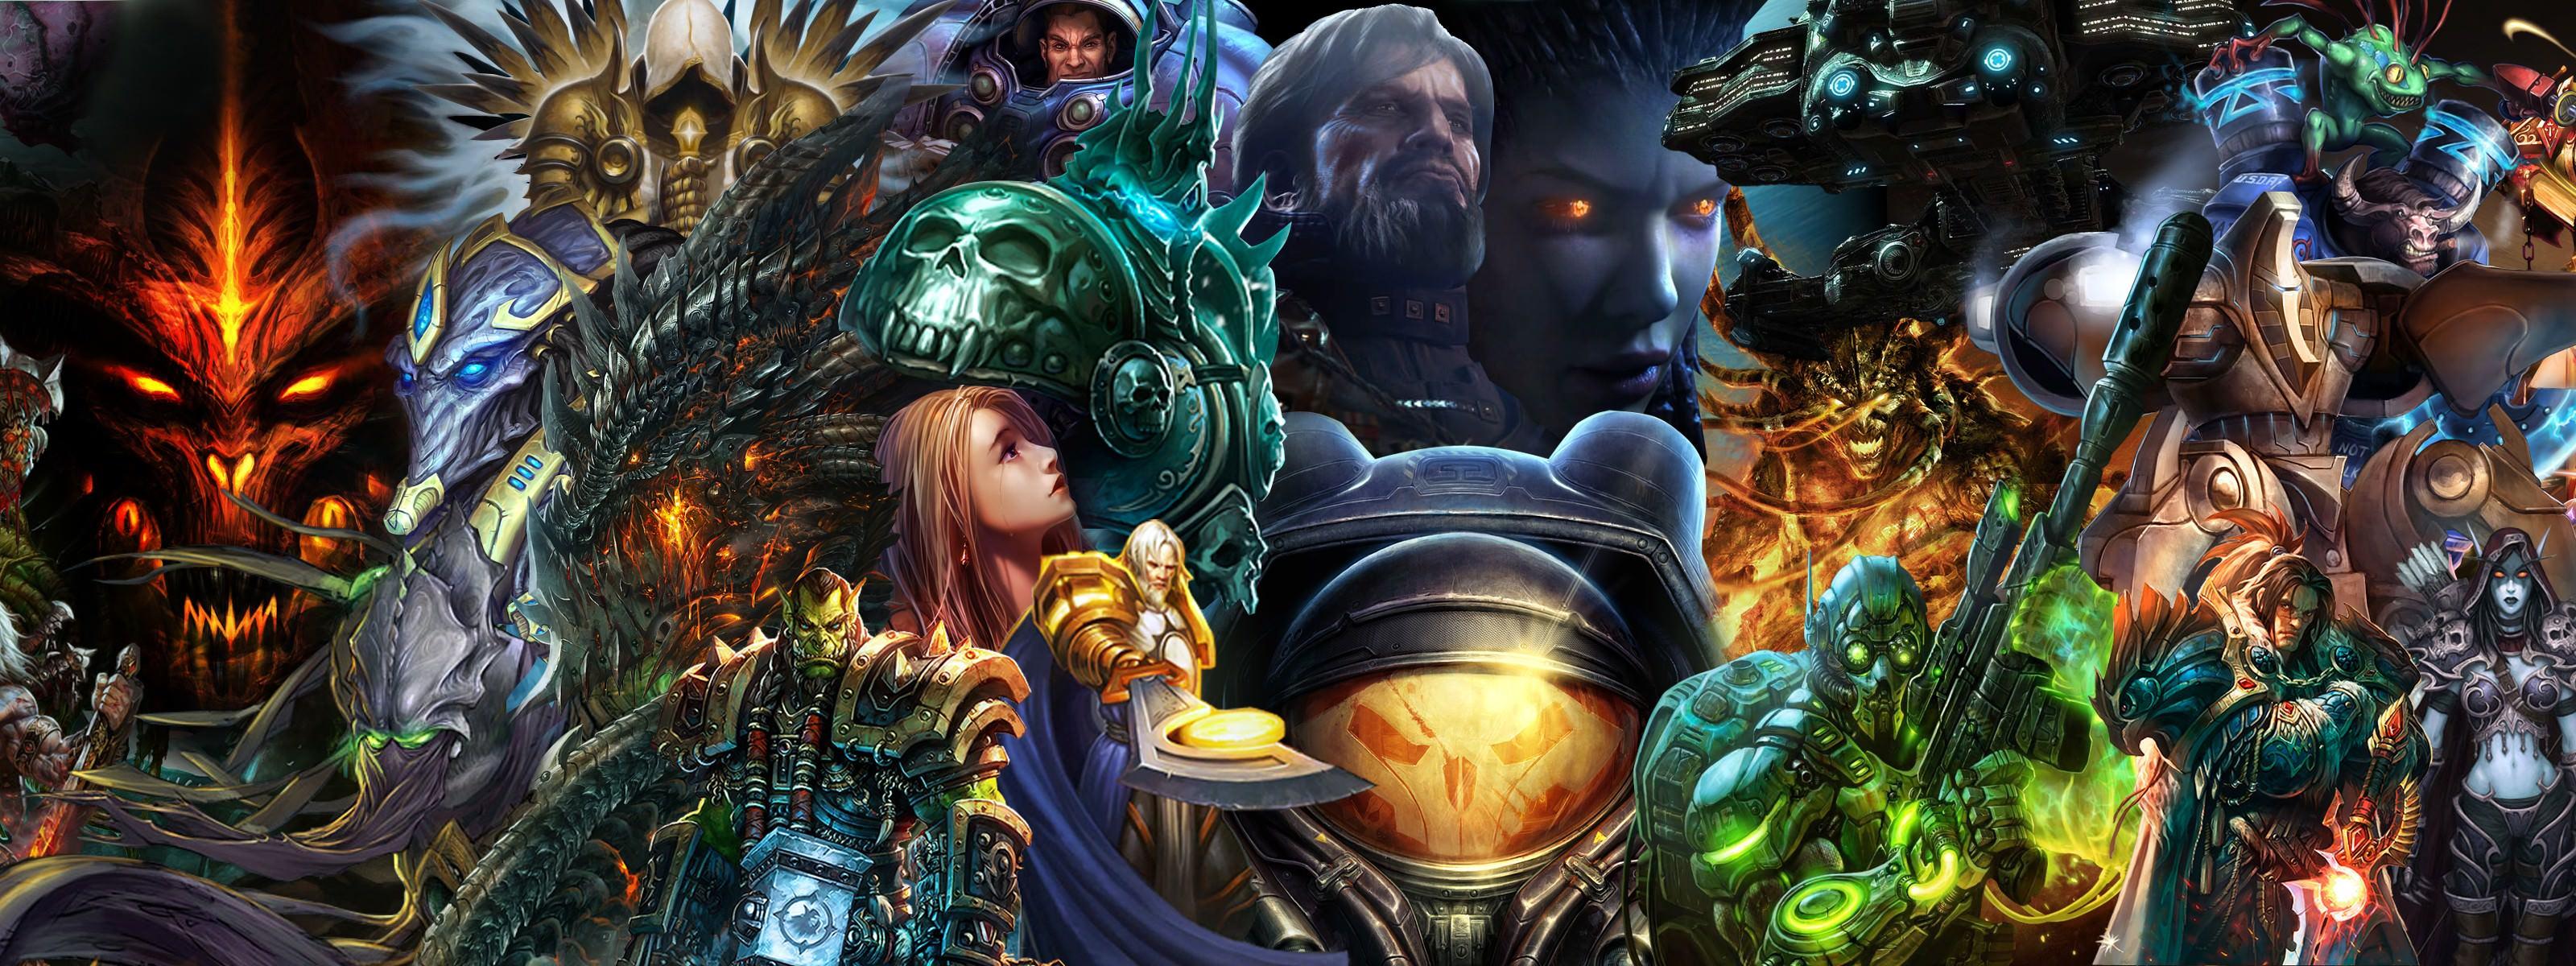 WoW, Diablo 3, Overwatch: Spiele Von Blizzard Bald Mit